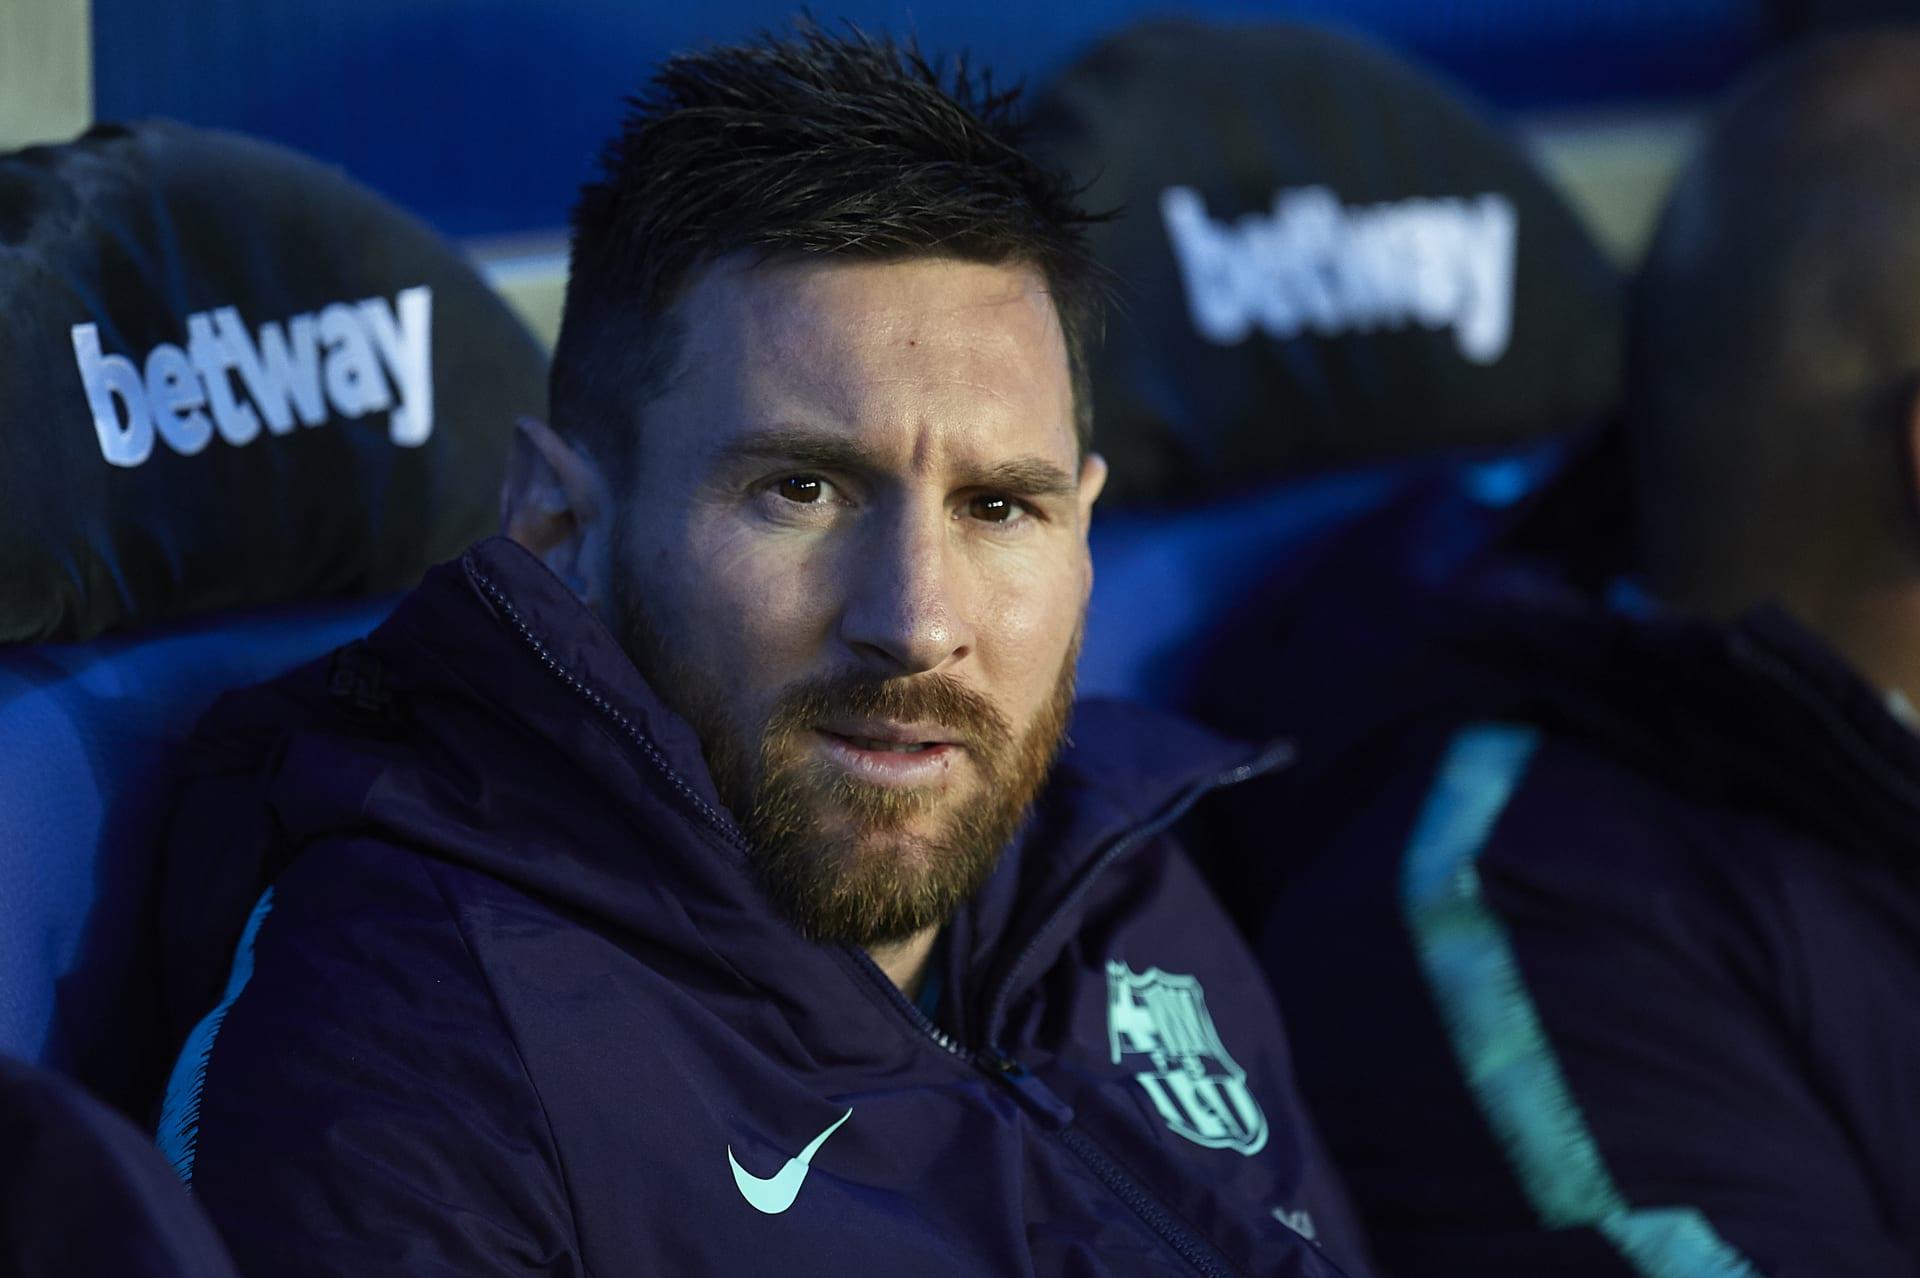 لماذا سيحسم برشلونة لقب الدوري الإسباني في حال فوزه على ليفانتي؟